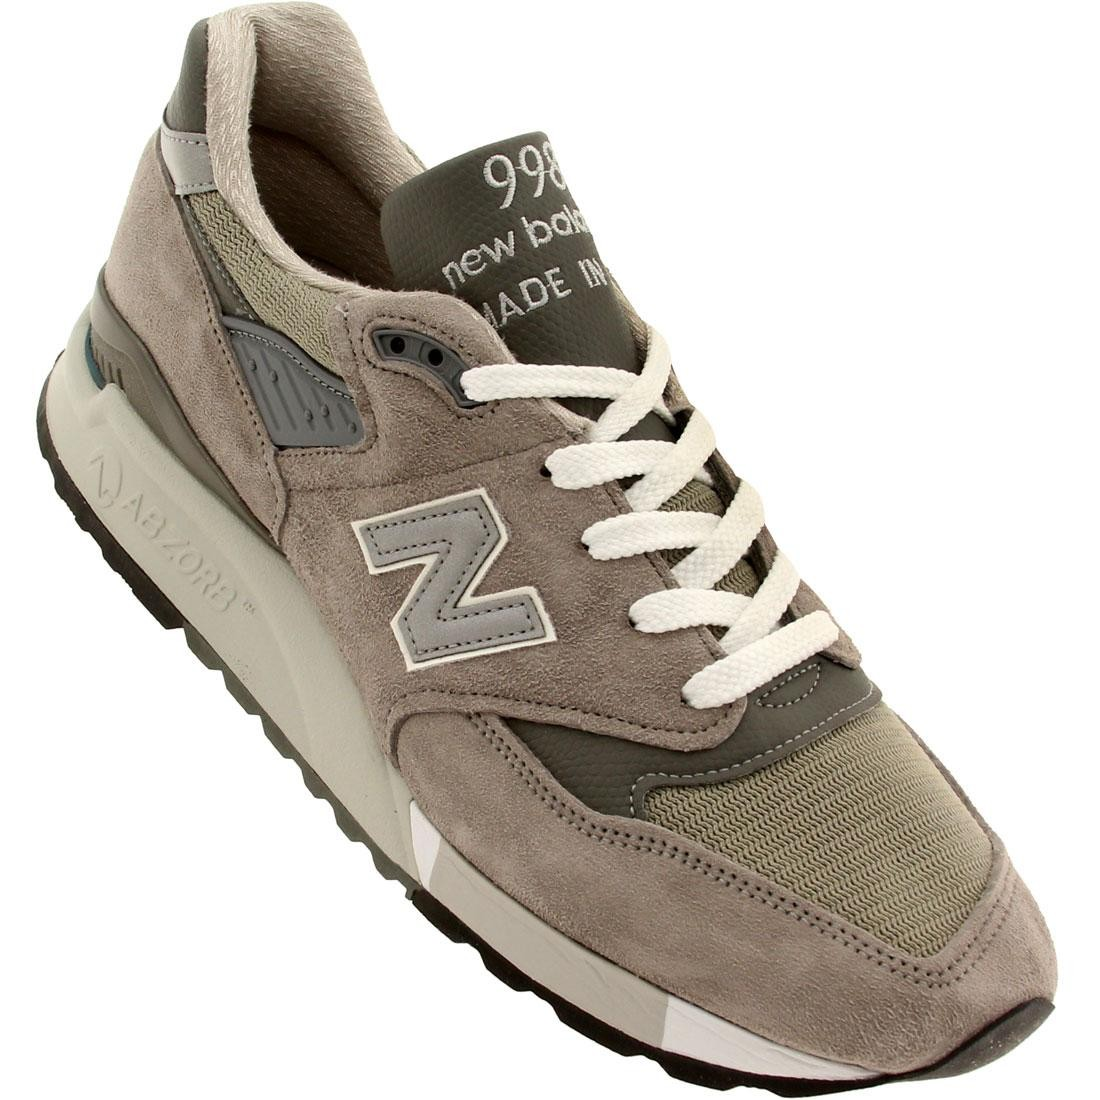 best website d677b 6092c New Balance Men M998 - Made In USA (gray)